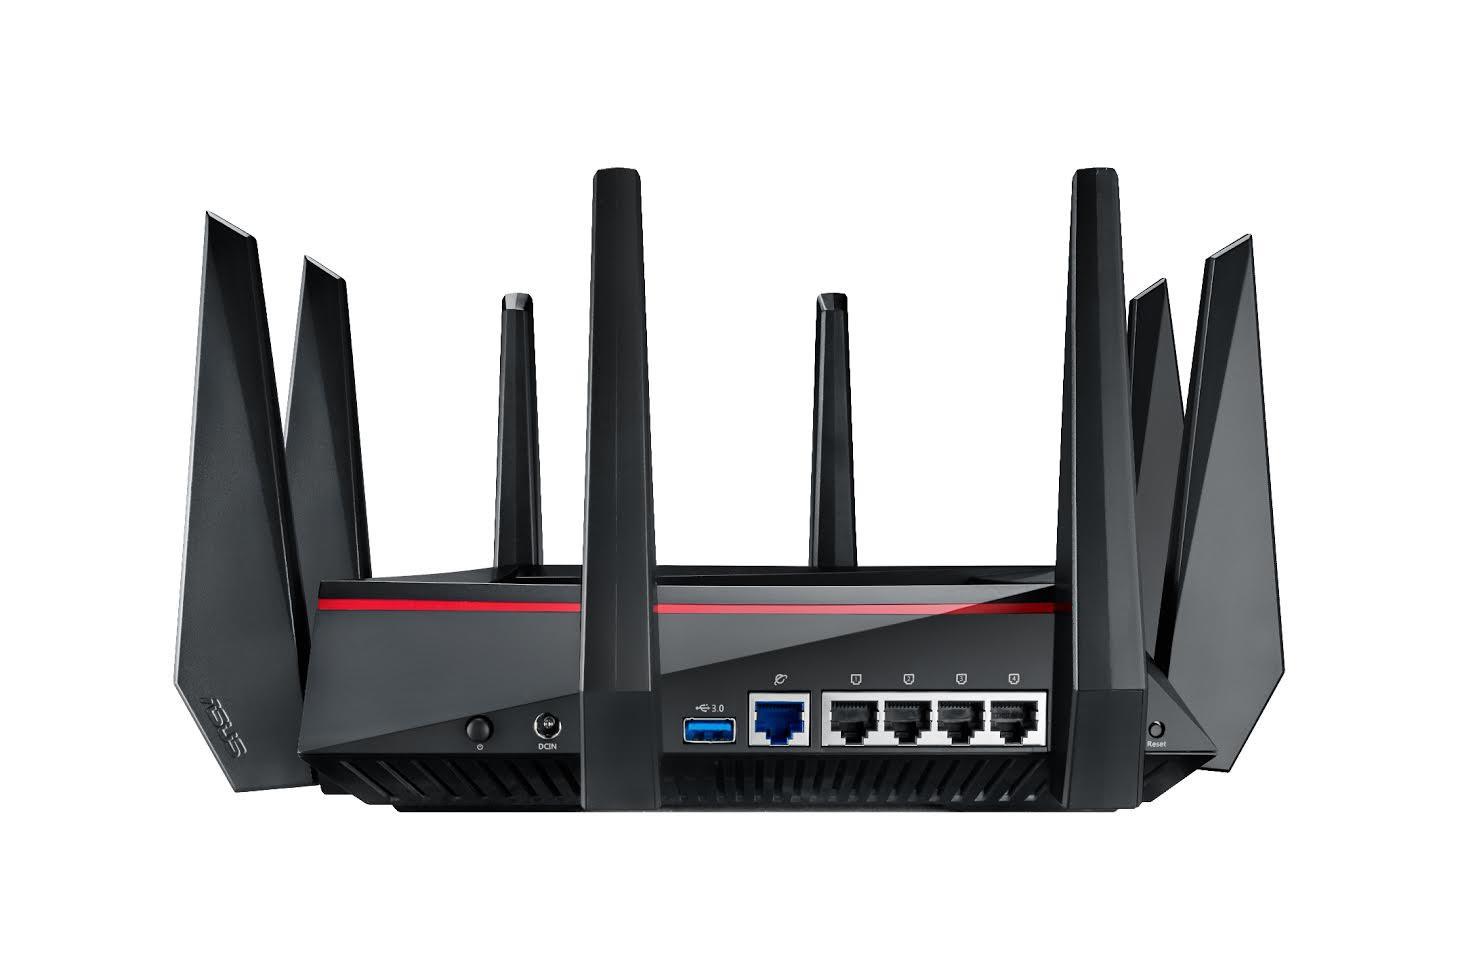 華碩的八爪章魚路由器 RT-AC5300 在台推出,具雙 4x4 天線與最快達 5334Mbps WiFi 速度 - 癮科技